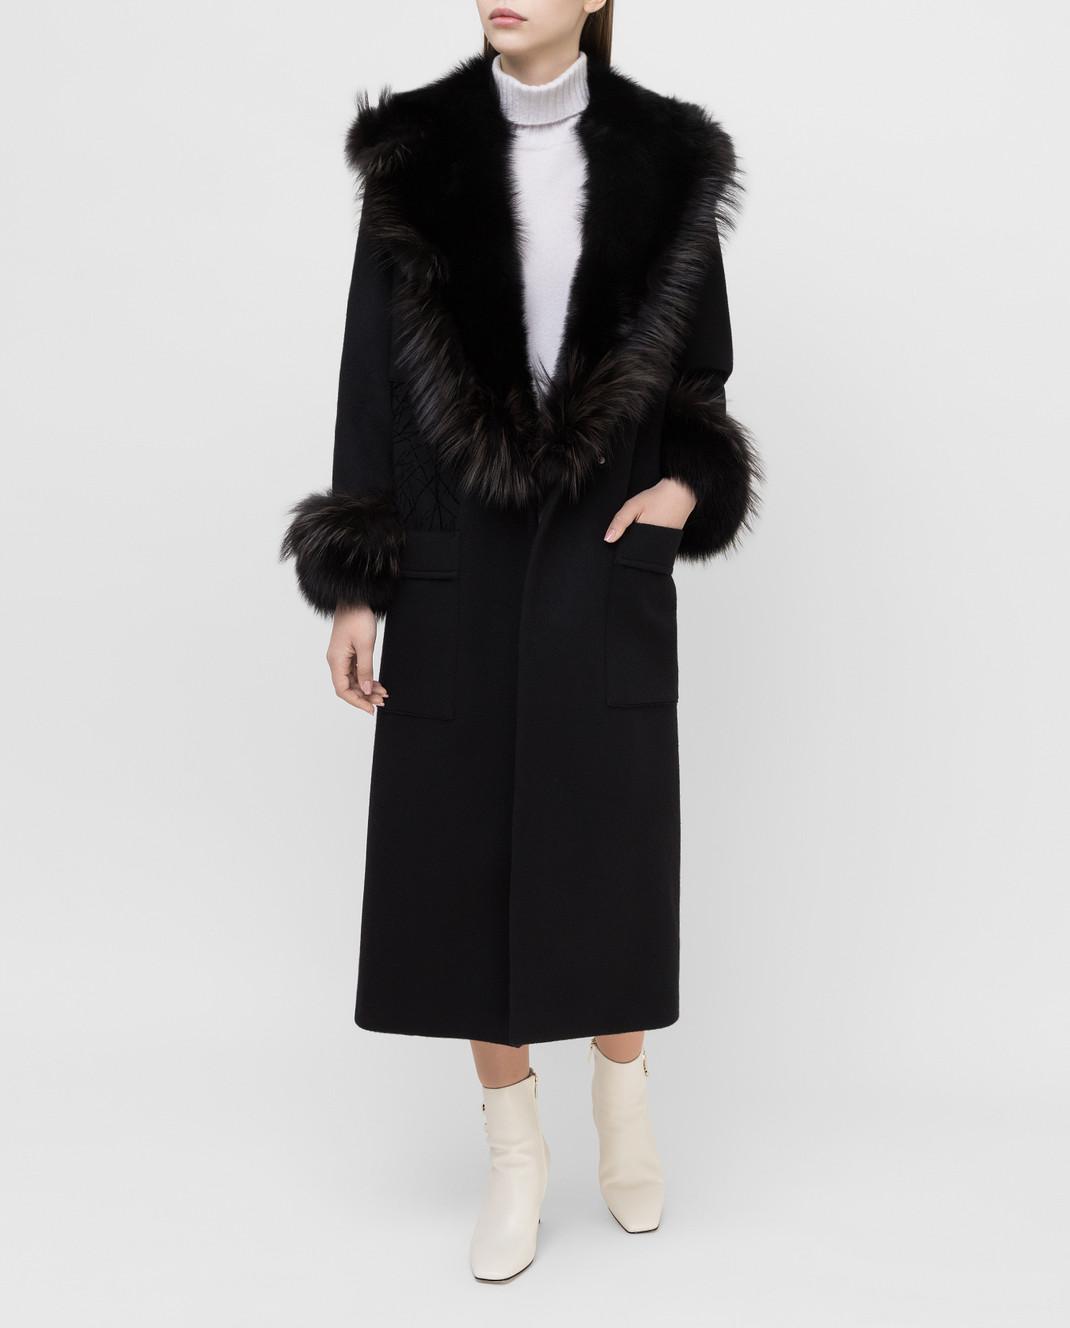 Rindi Черное пальто из кашемира с мехом лисы 277TE017 изображение 2